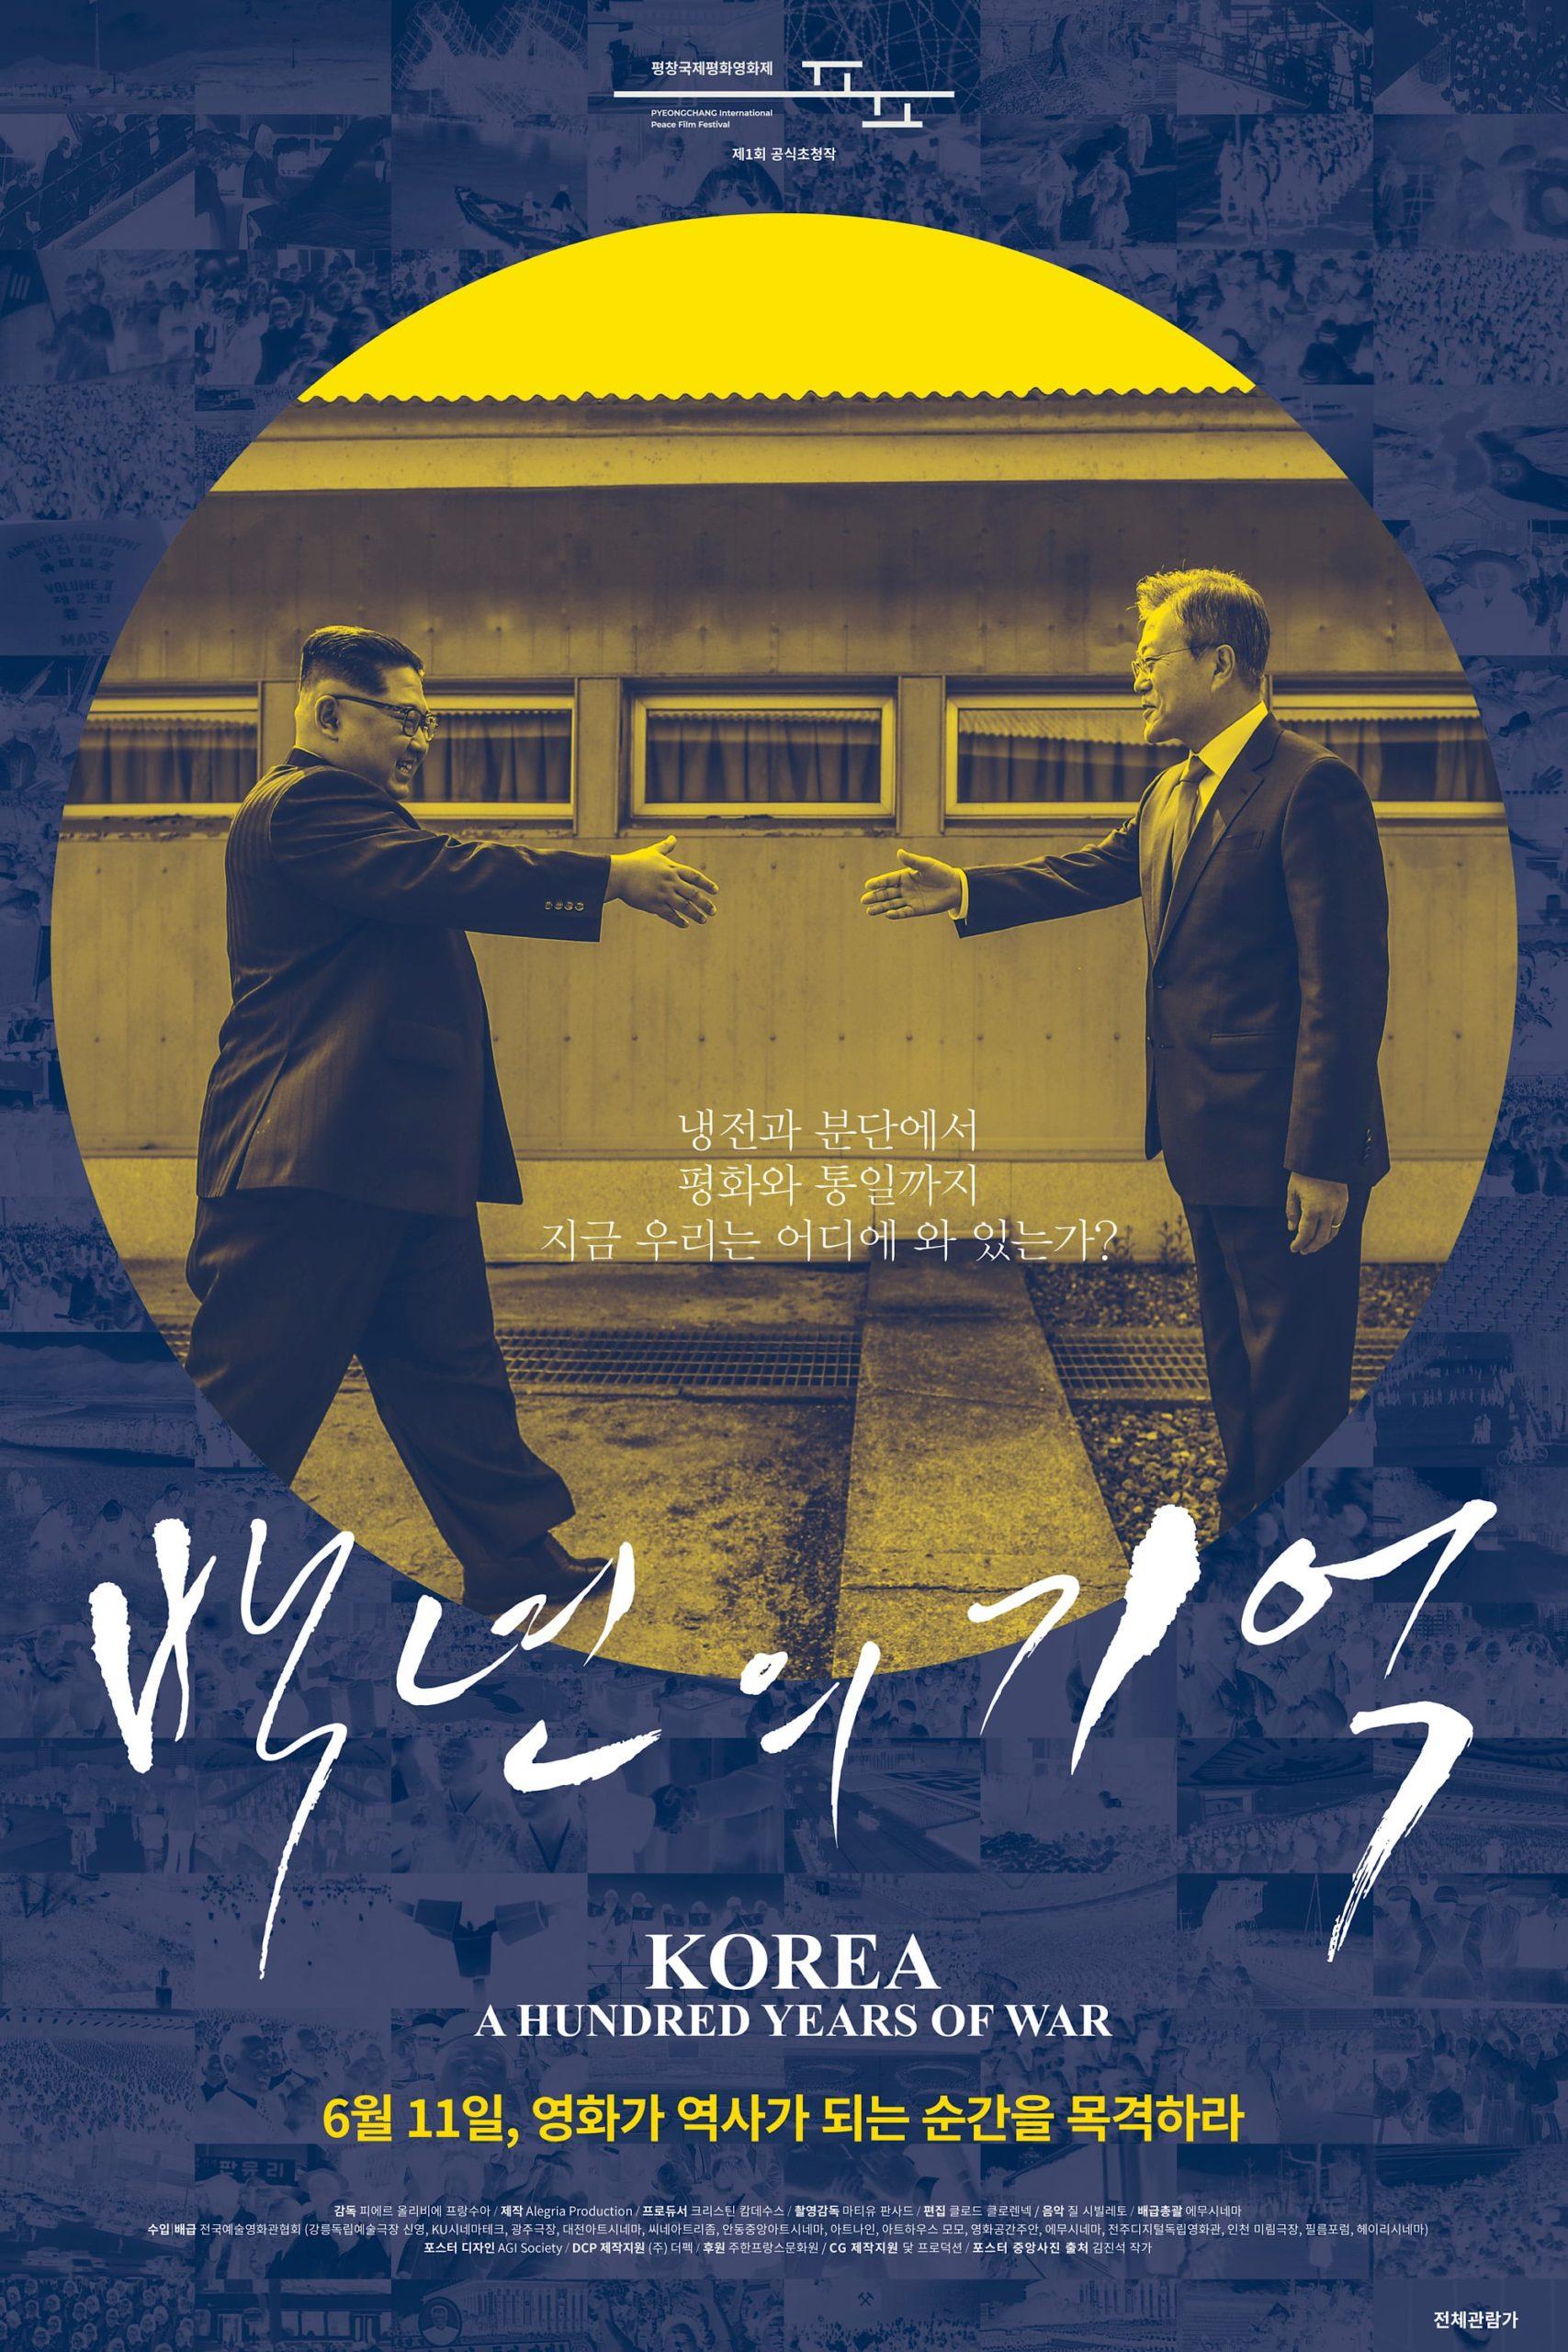 Corée, la guerre de cent ans